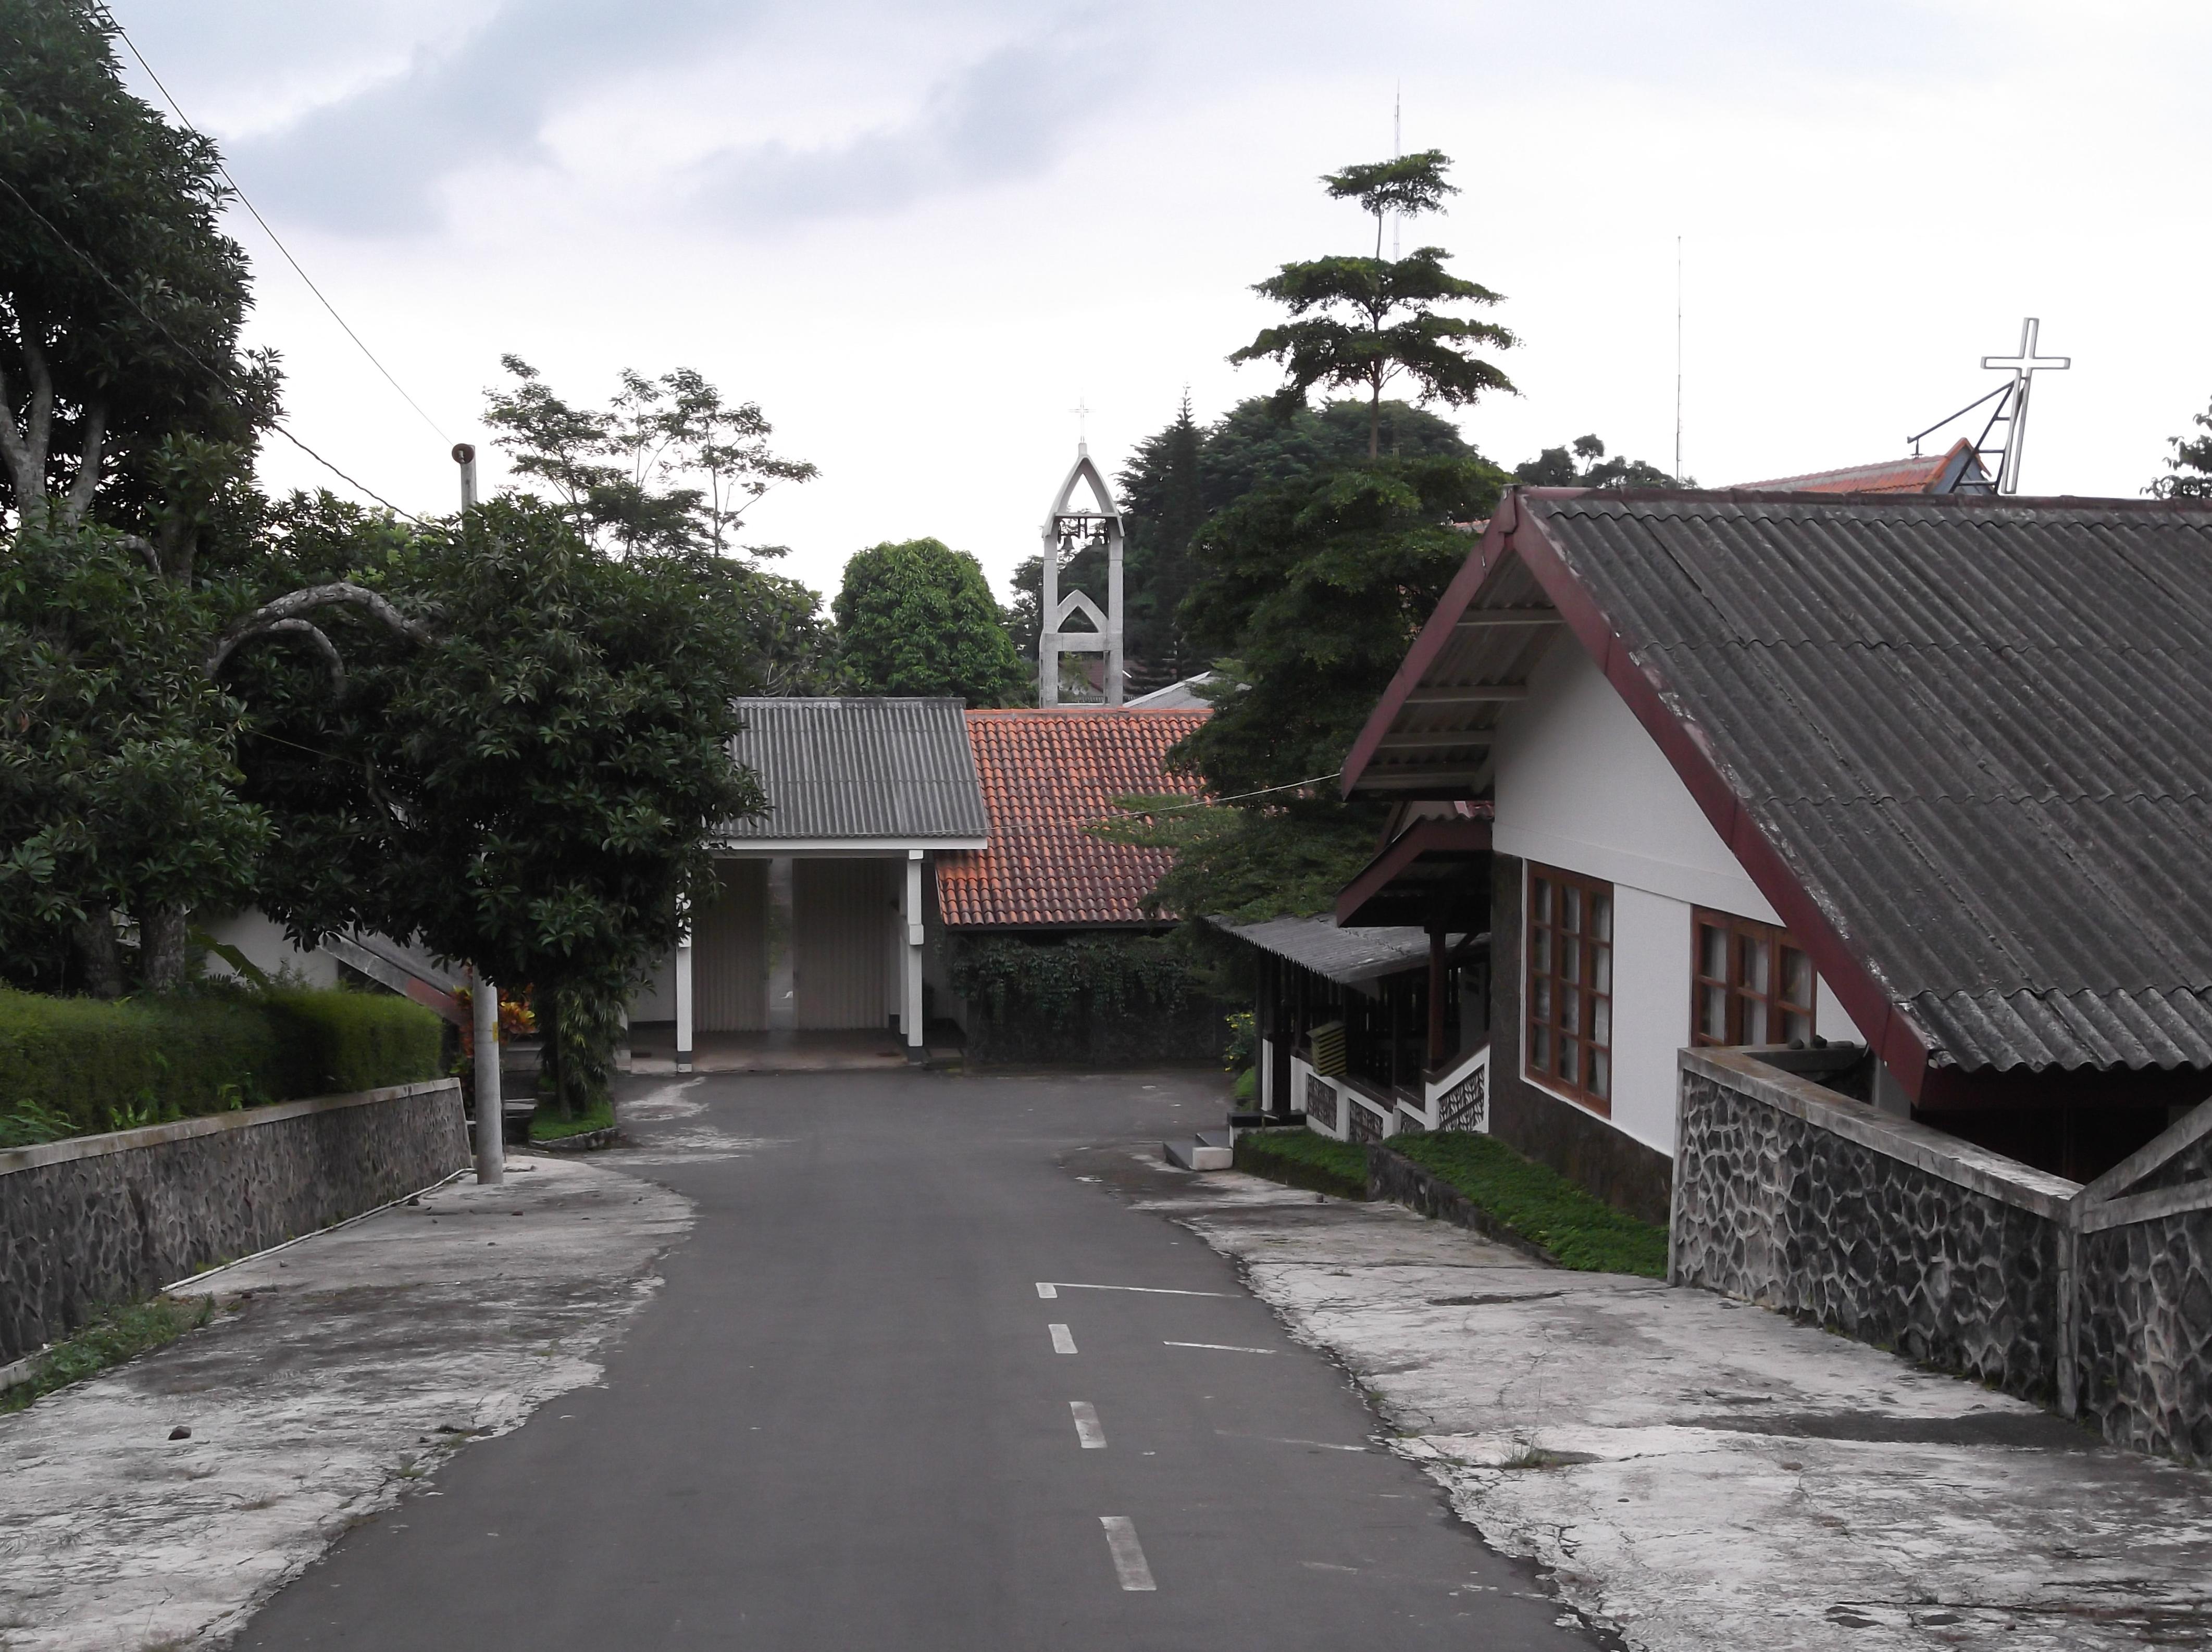 4600 Gambar Rumah Sederhana Karya Anak Sd Terbaru